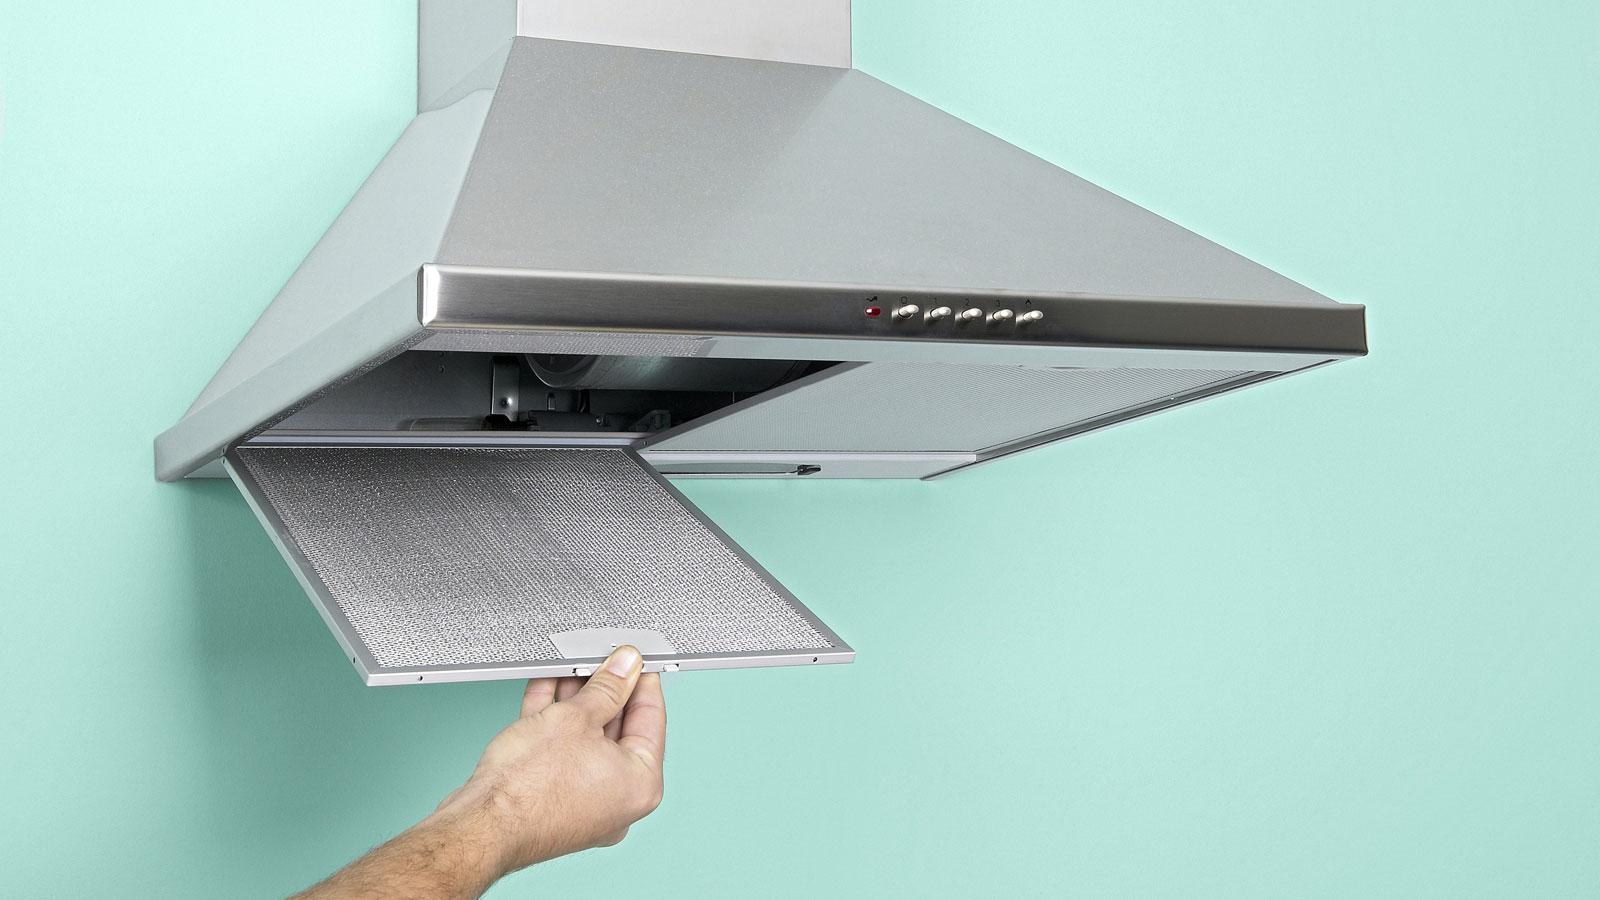 Häufig Dunstabzugshaube reinigen – so sorgen Sie für gute Luft | UPDATED VD82